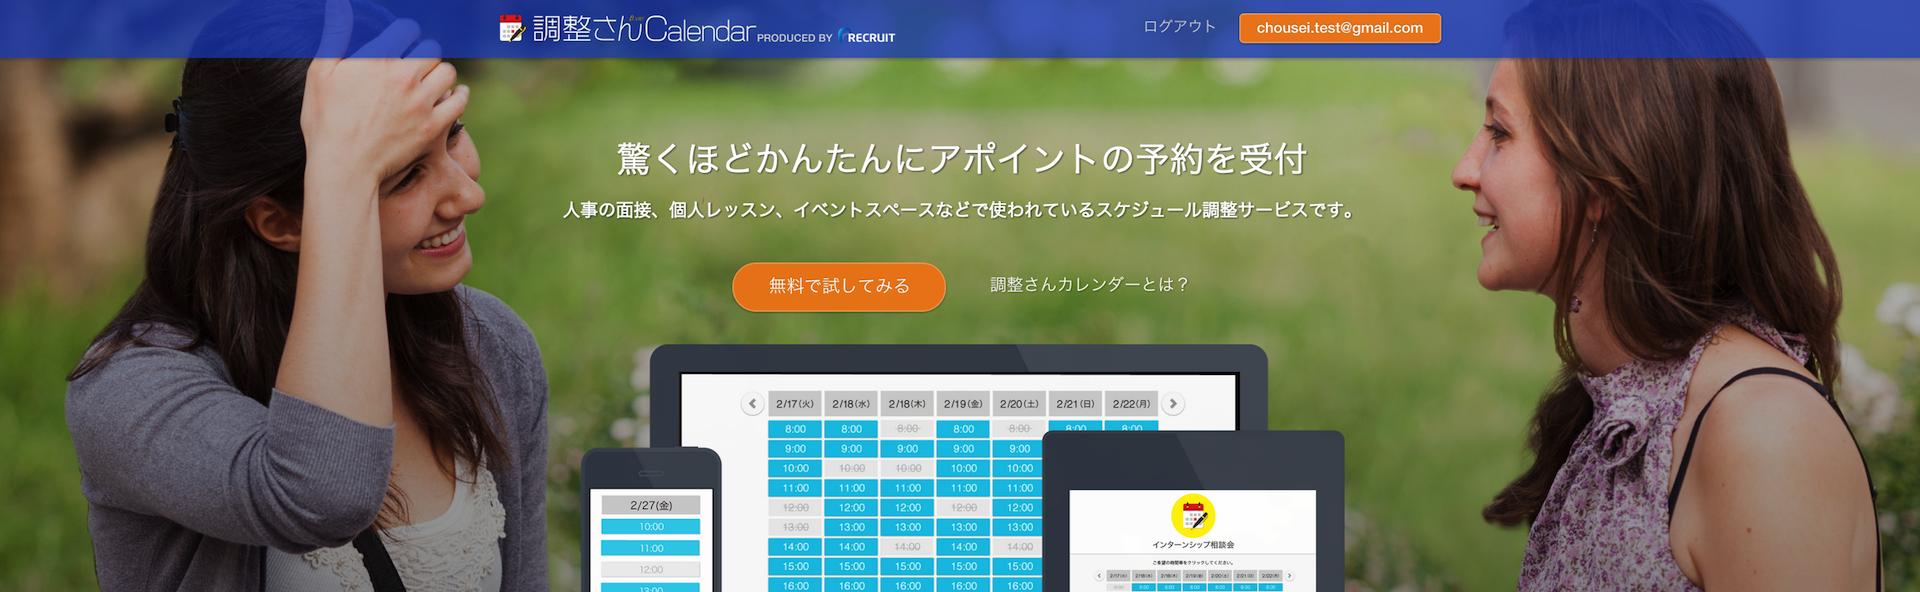 スクリーンショット 2015-05-28 13.43.22 (1)